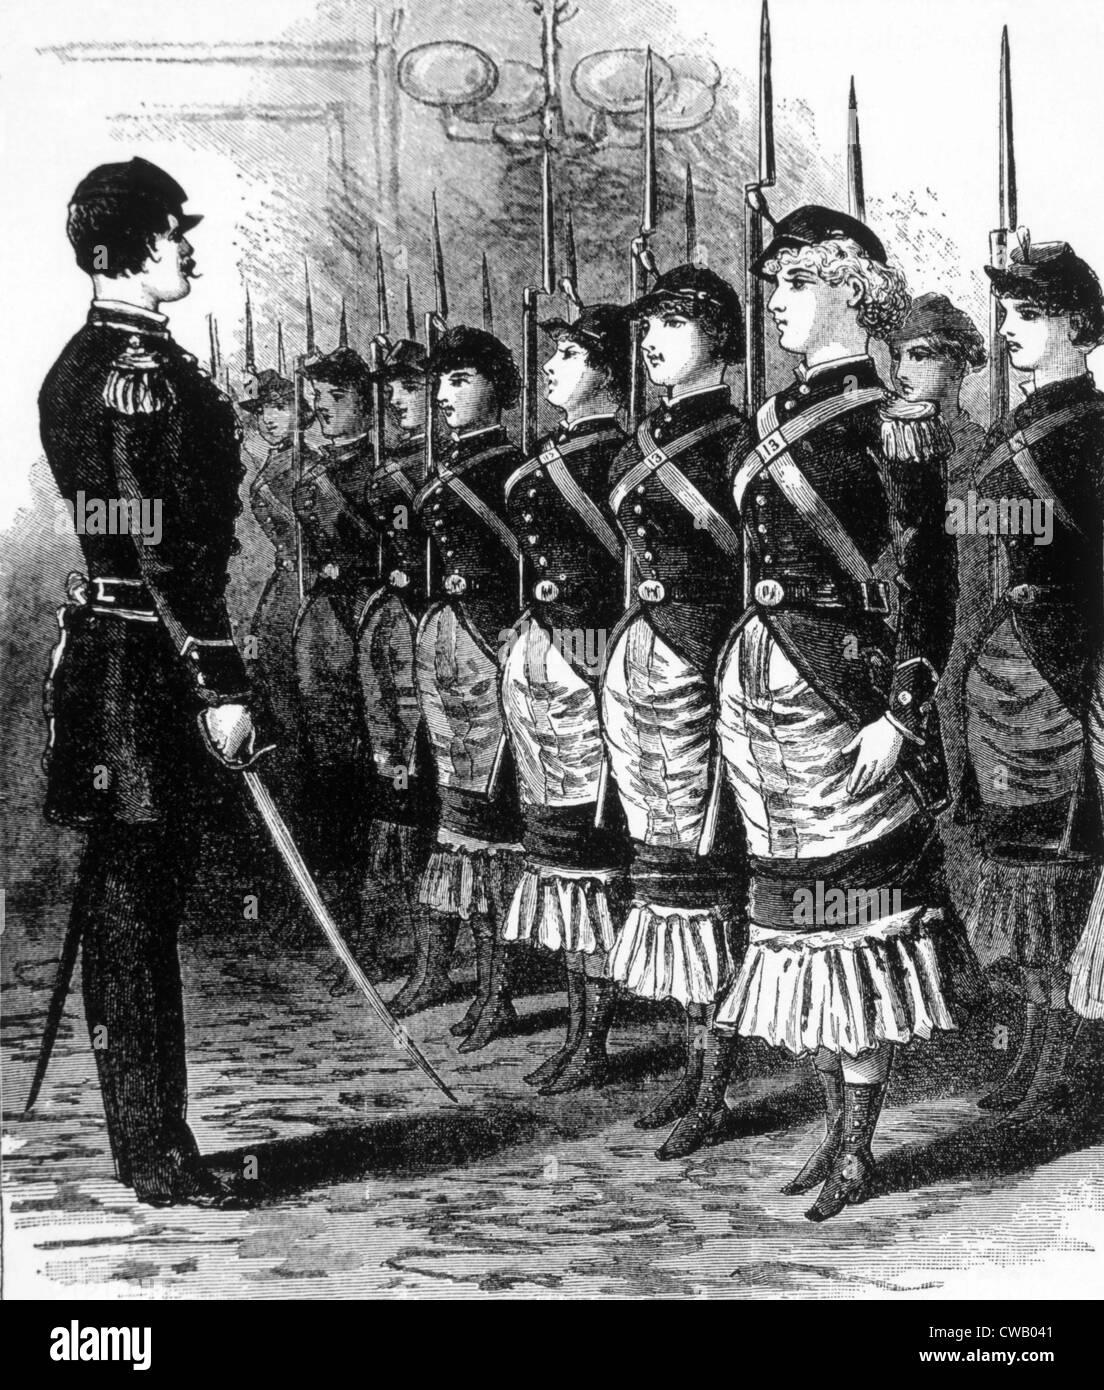 """La femelle de l'homme"""" Mousquetaires, illustration dans """"Police"""" de la Gazette du Canada, ch. Photo Stock"""